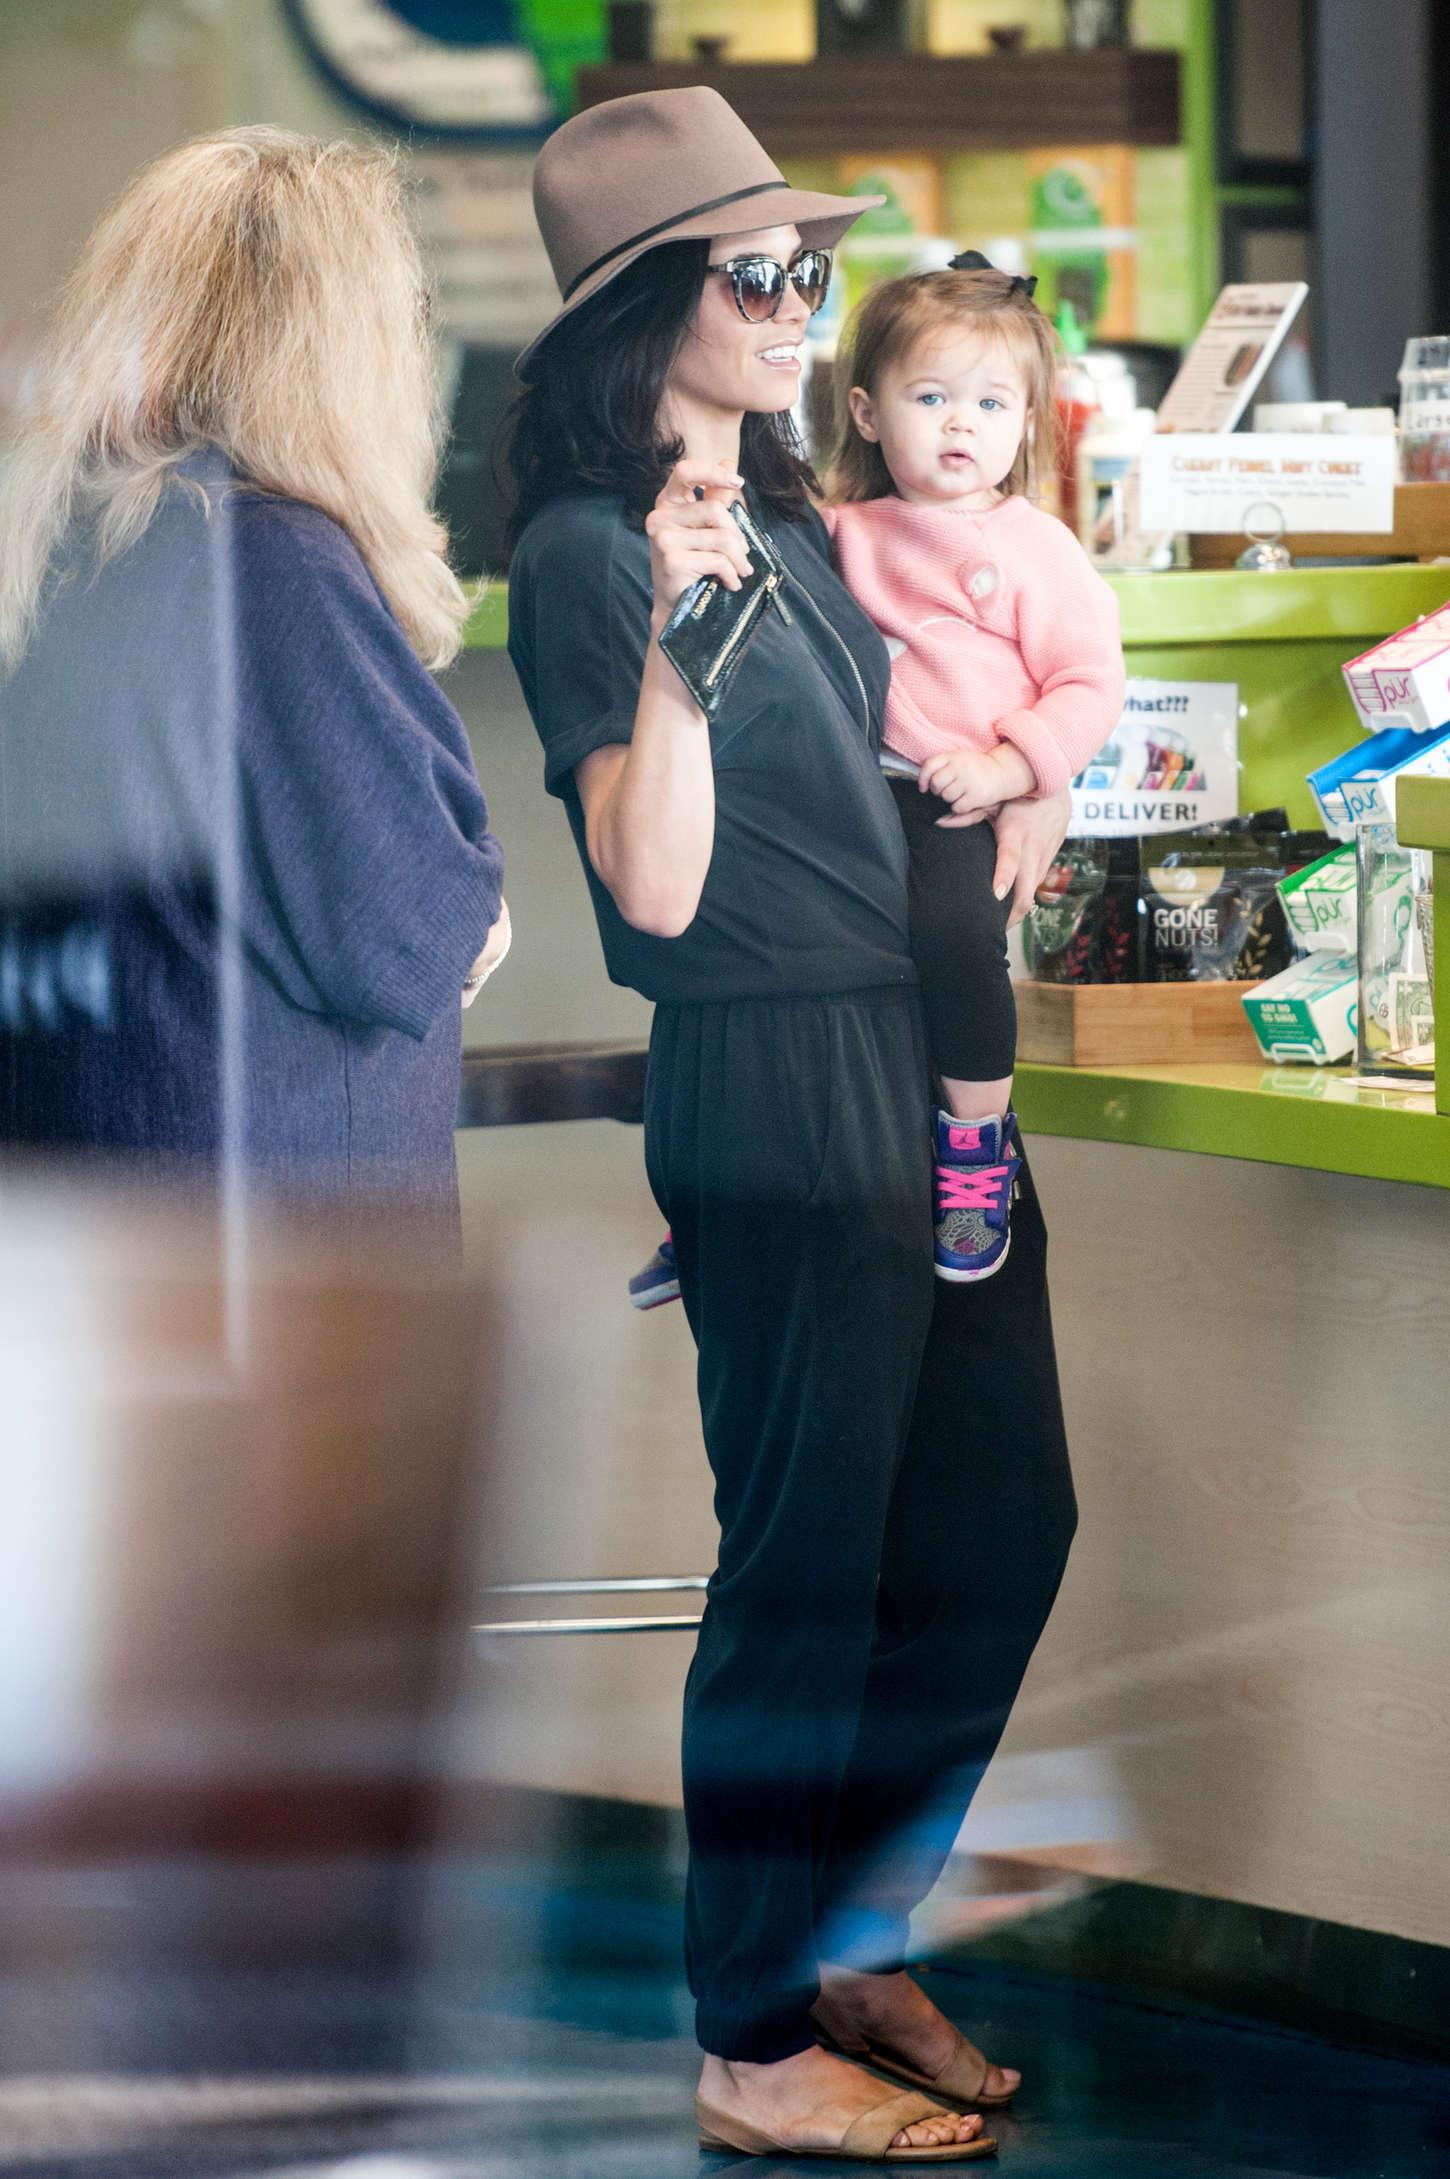 Jenna Dewan Tatum 2015 : Jenna Dewan Tatum Out in LA -03